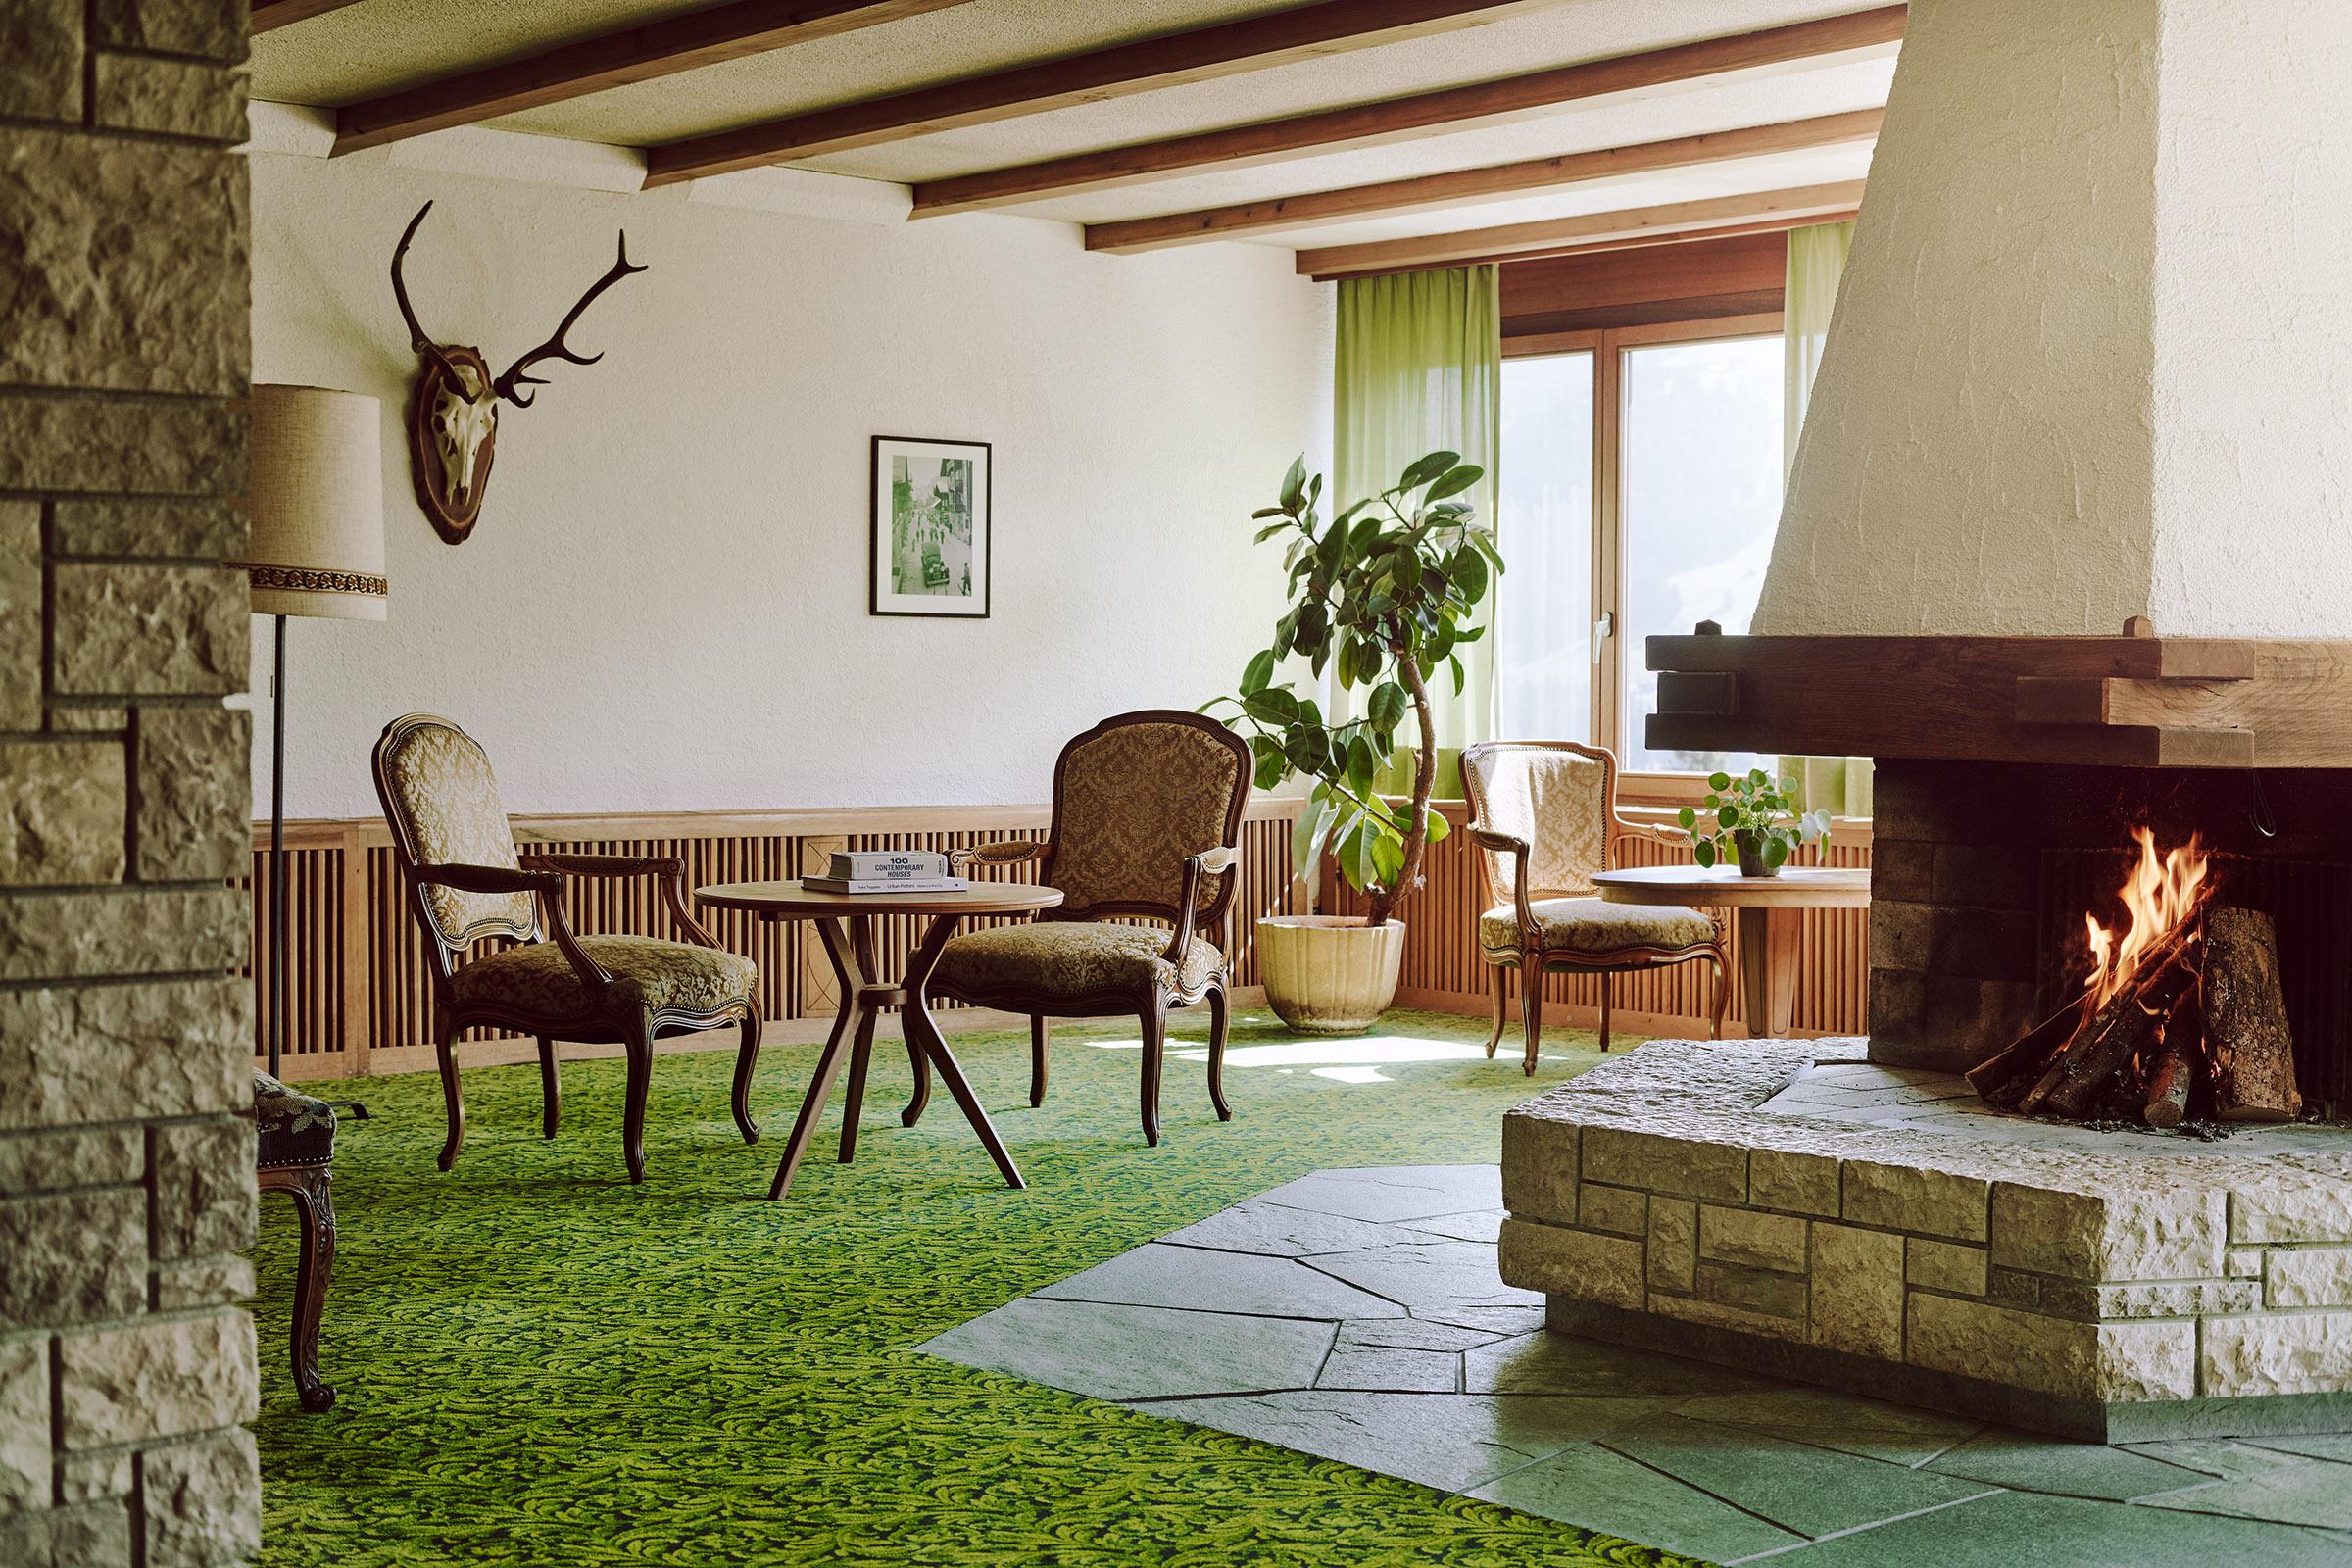 190727-The-Huldi-Waldhaus-Lounge-001-Web.jpg